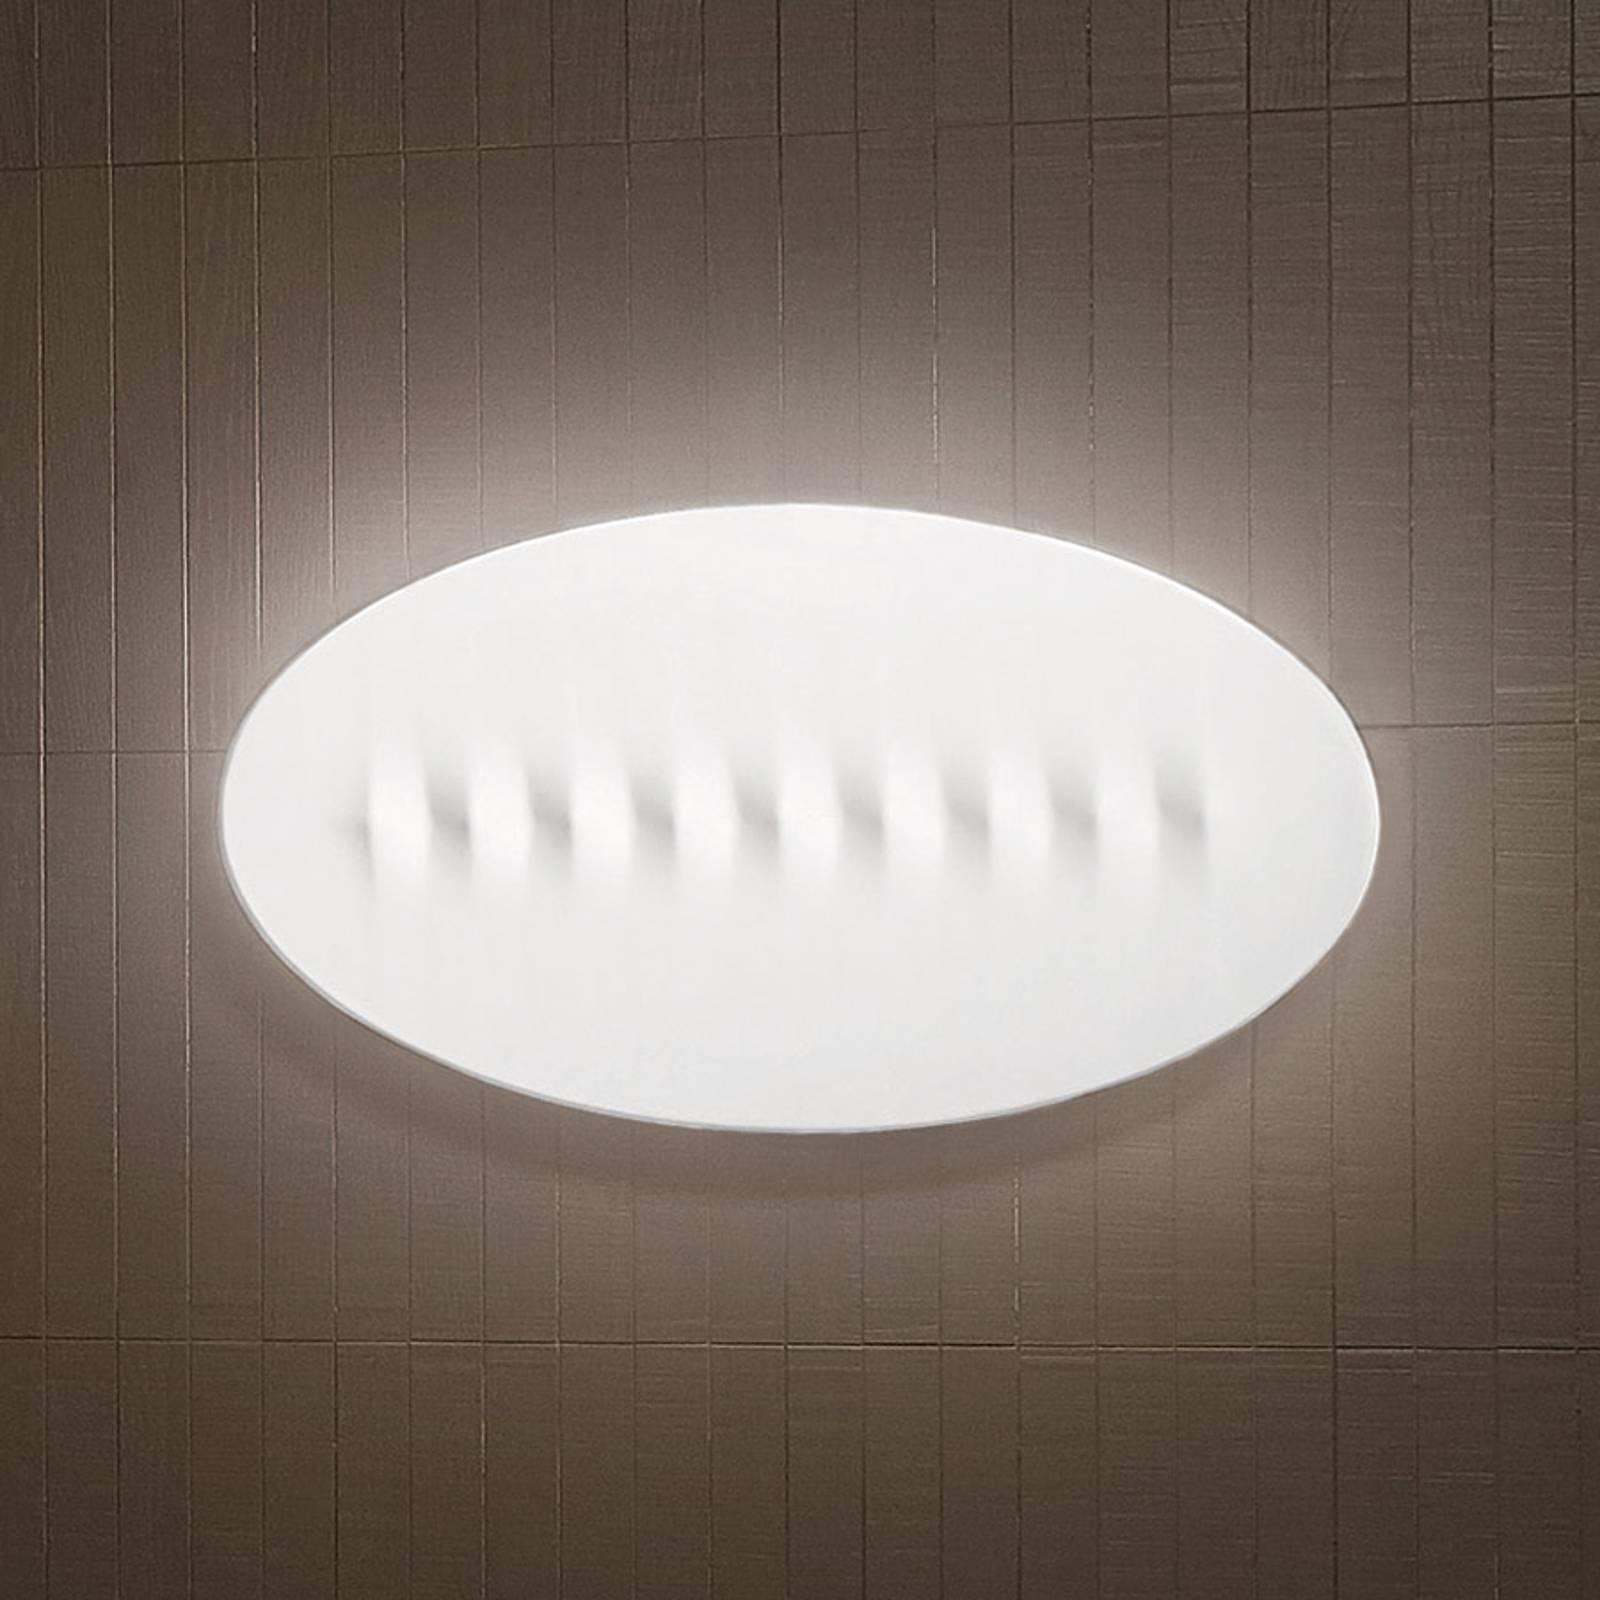 Foscarini Superficie LED-Wandleuchte, 75 cm